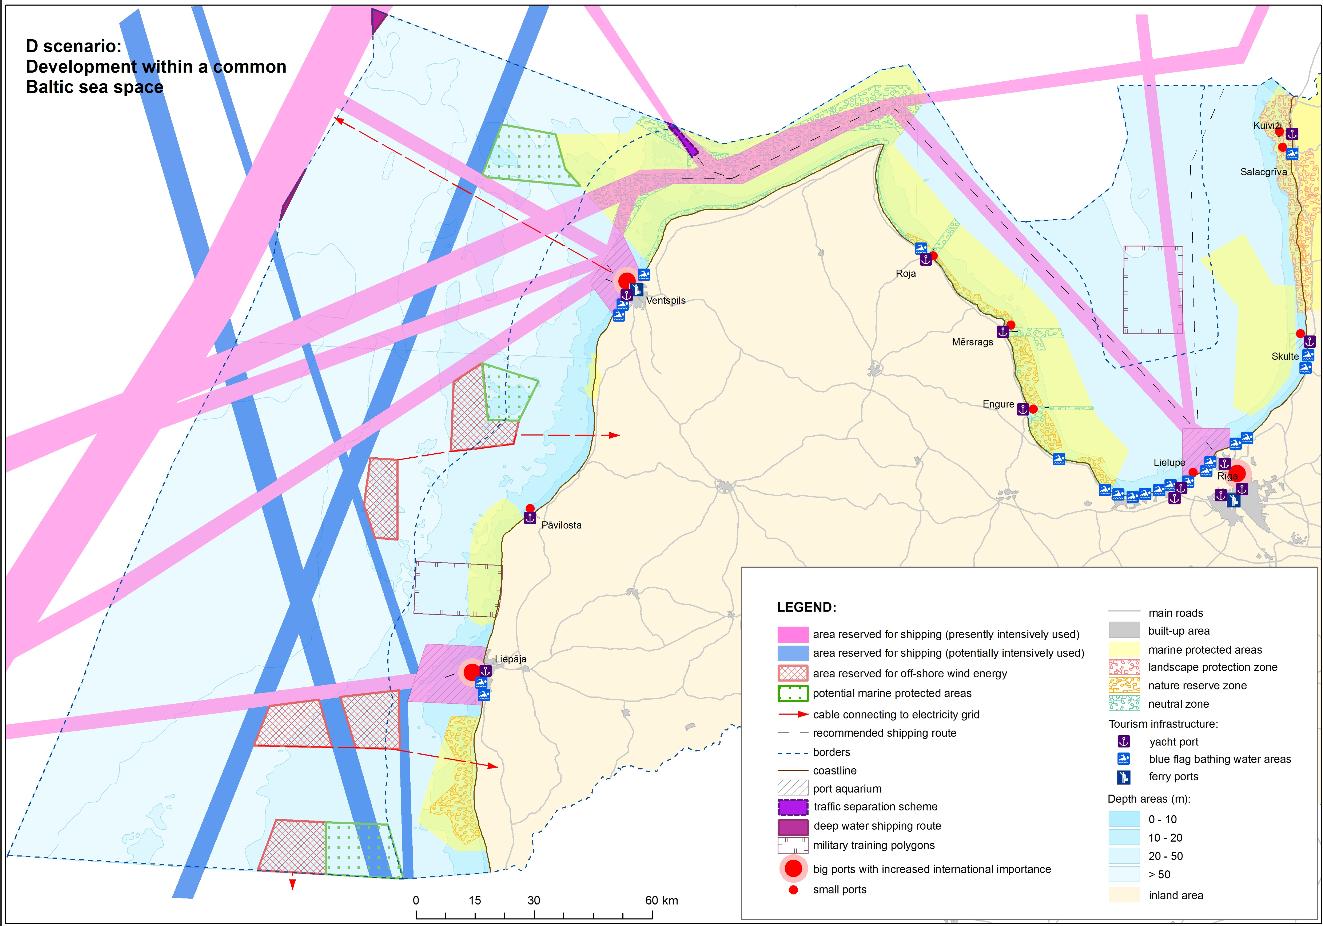 Scenario Development within a common Baltic Sea space